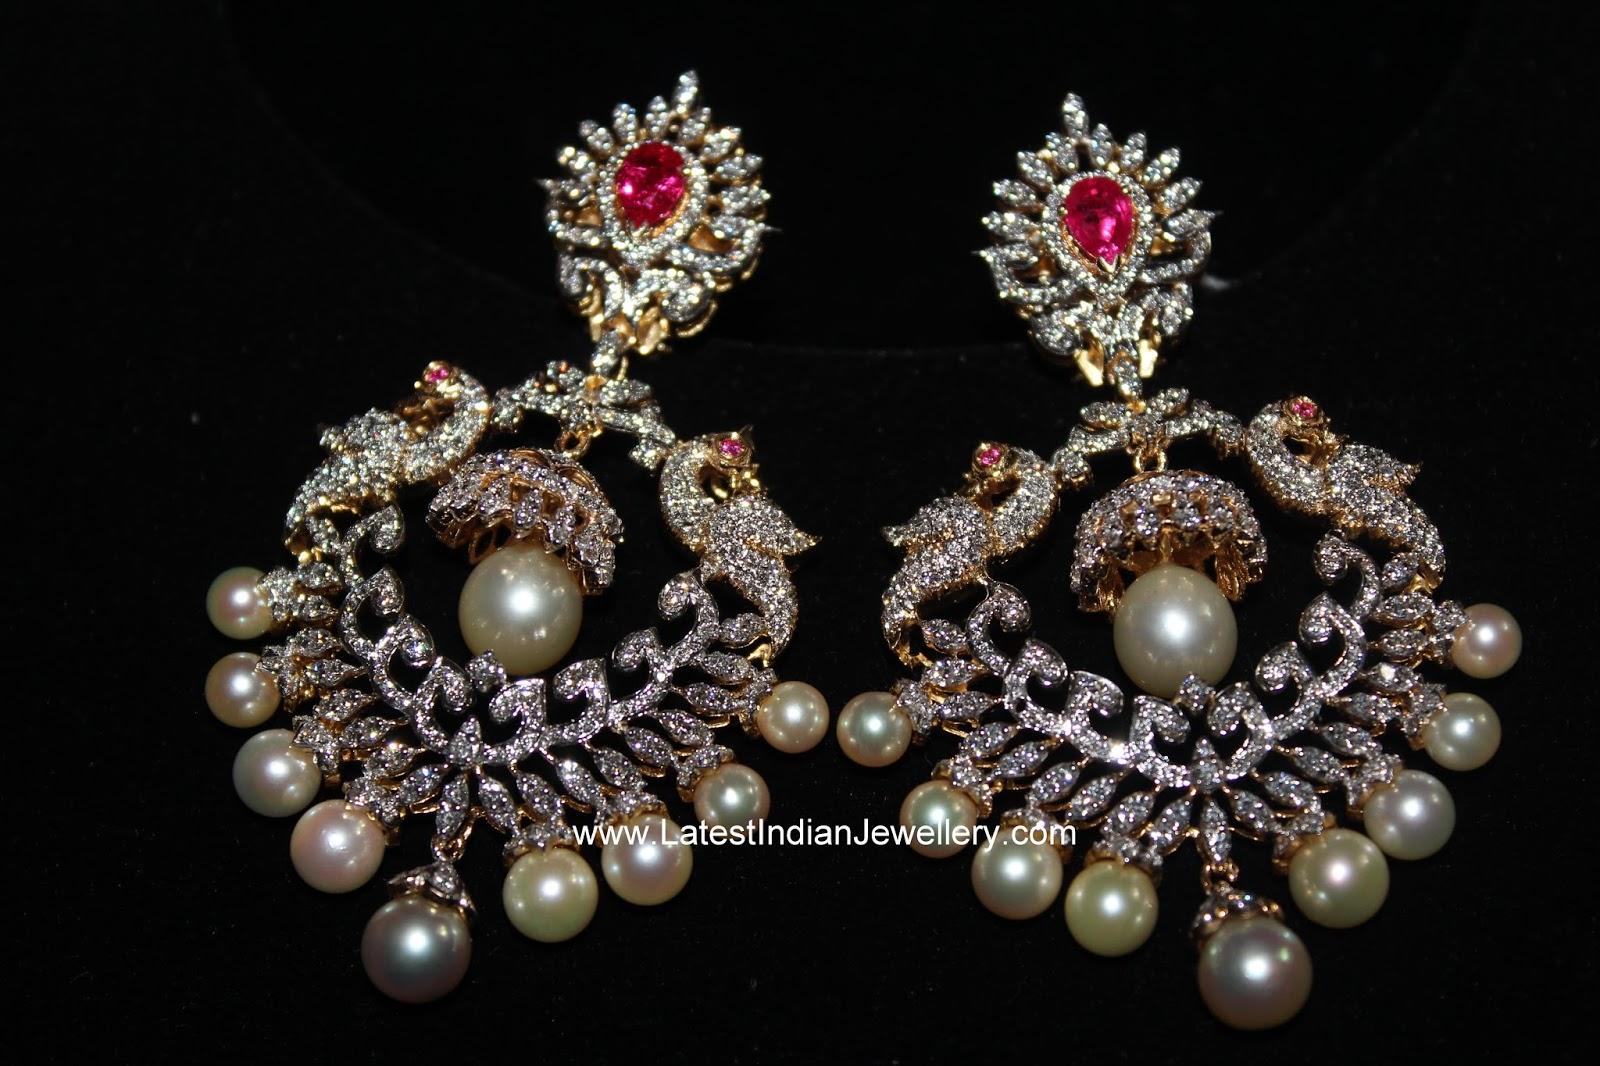 Rich Diamond Bali Earrings